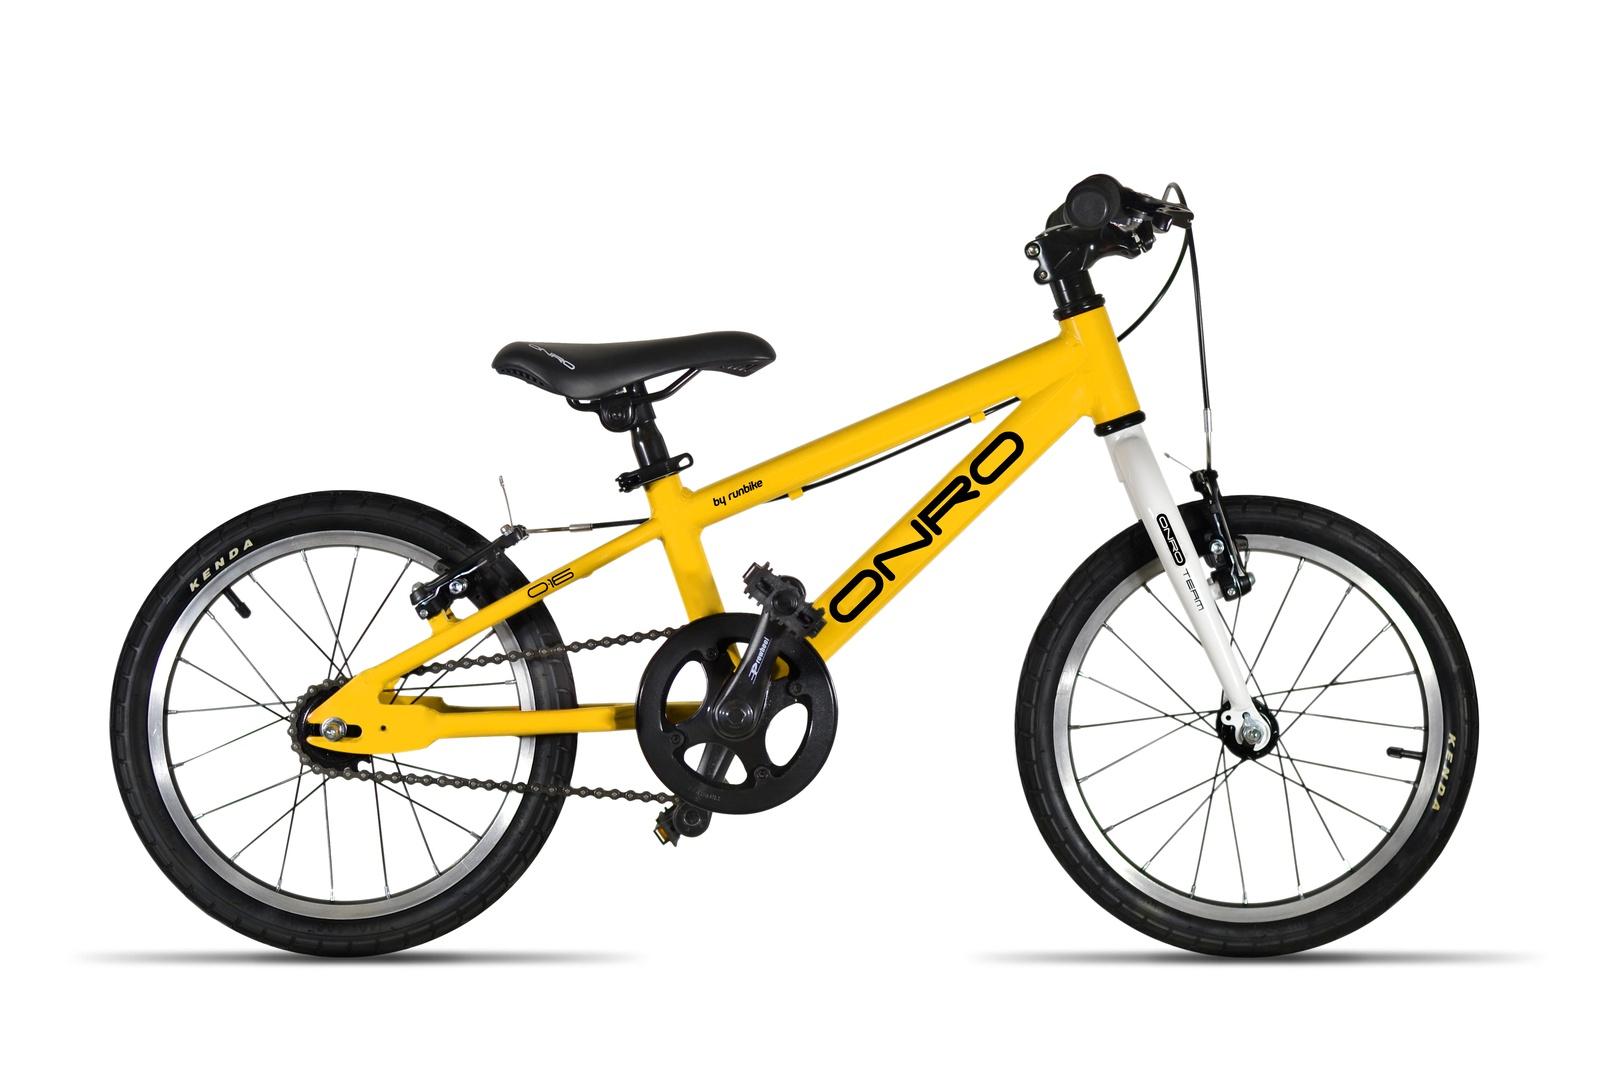 Детский велосипед ONRO by runbike 16 Желтый onro велосипед детский onro by runbike диаметр колес 16